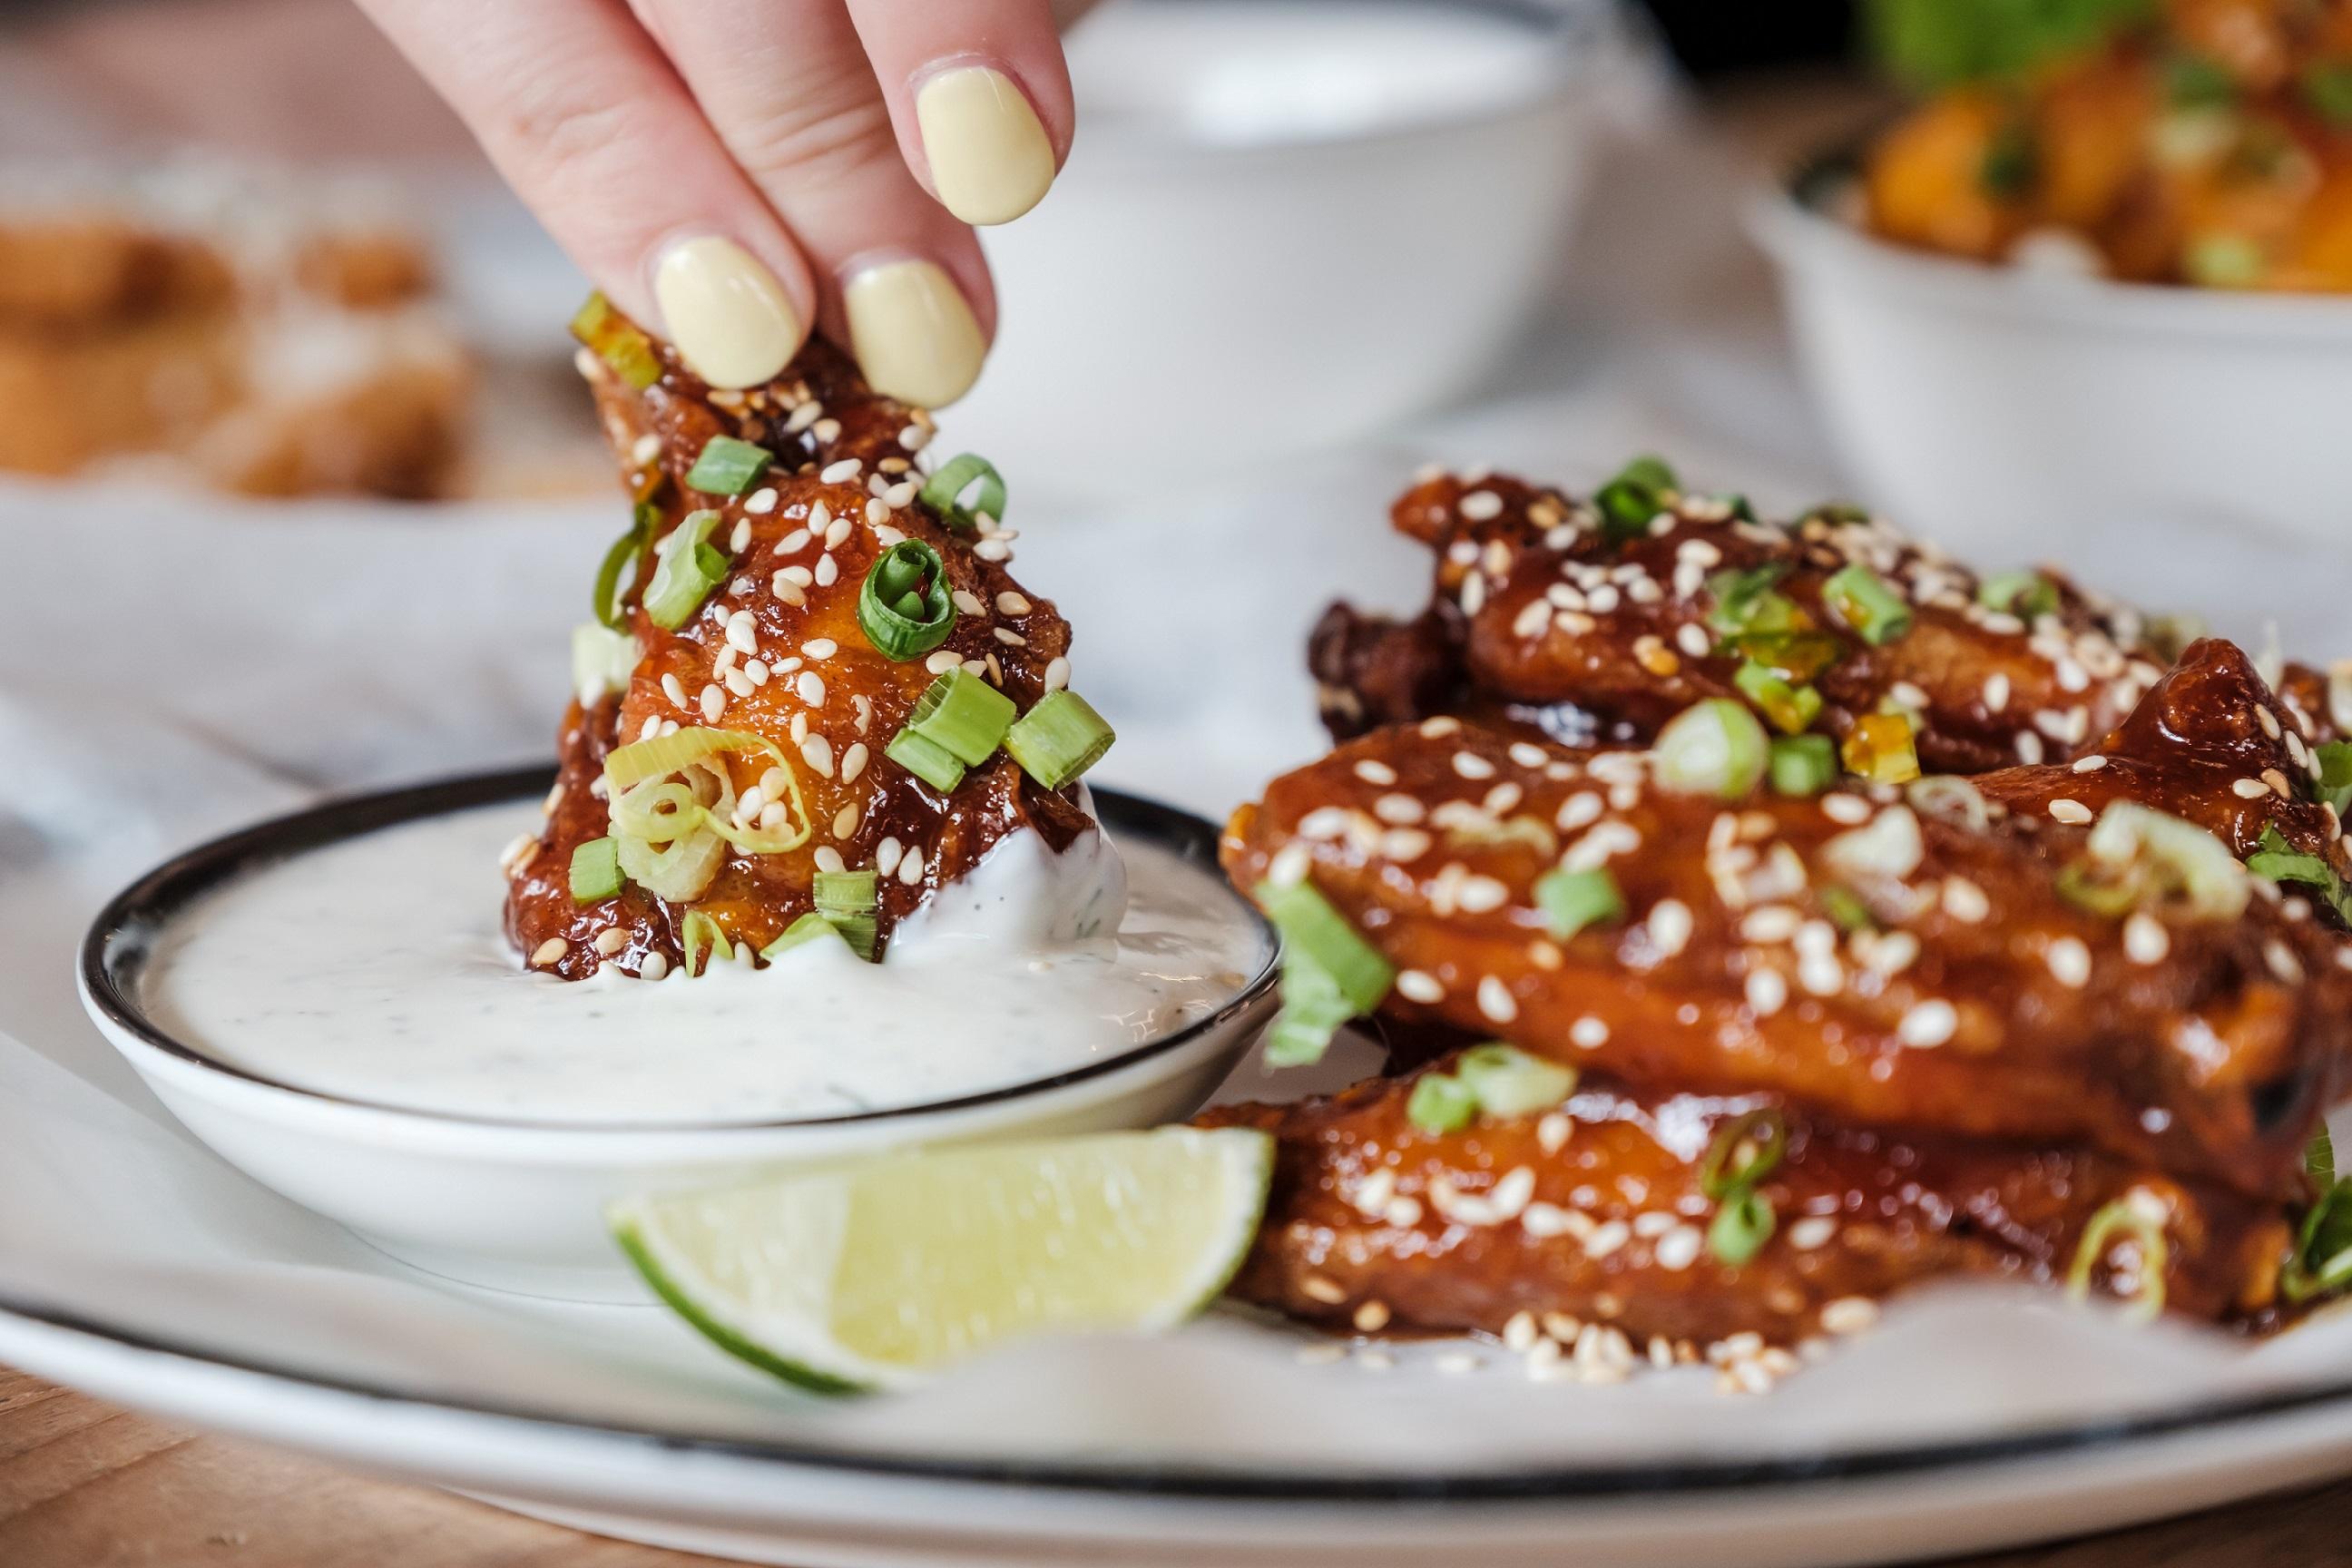 مطعم بلاك تاب يضيف أطباق أجنحة دجاج جديدة الى قائمة طعامه